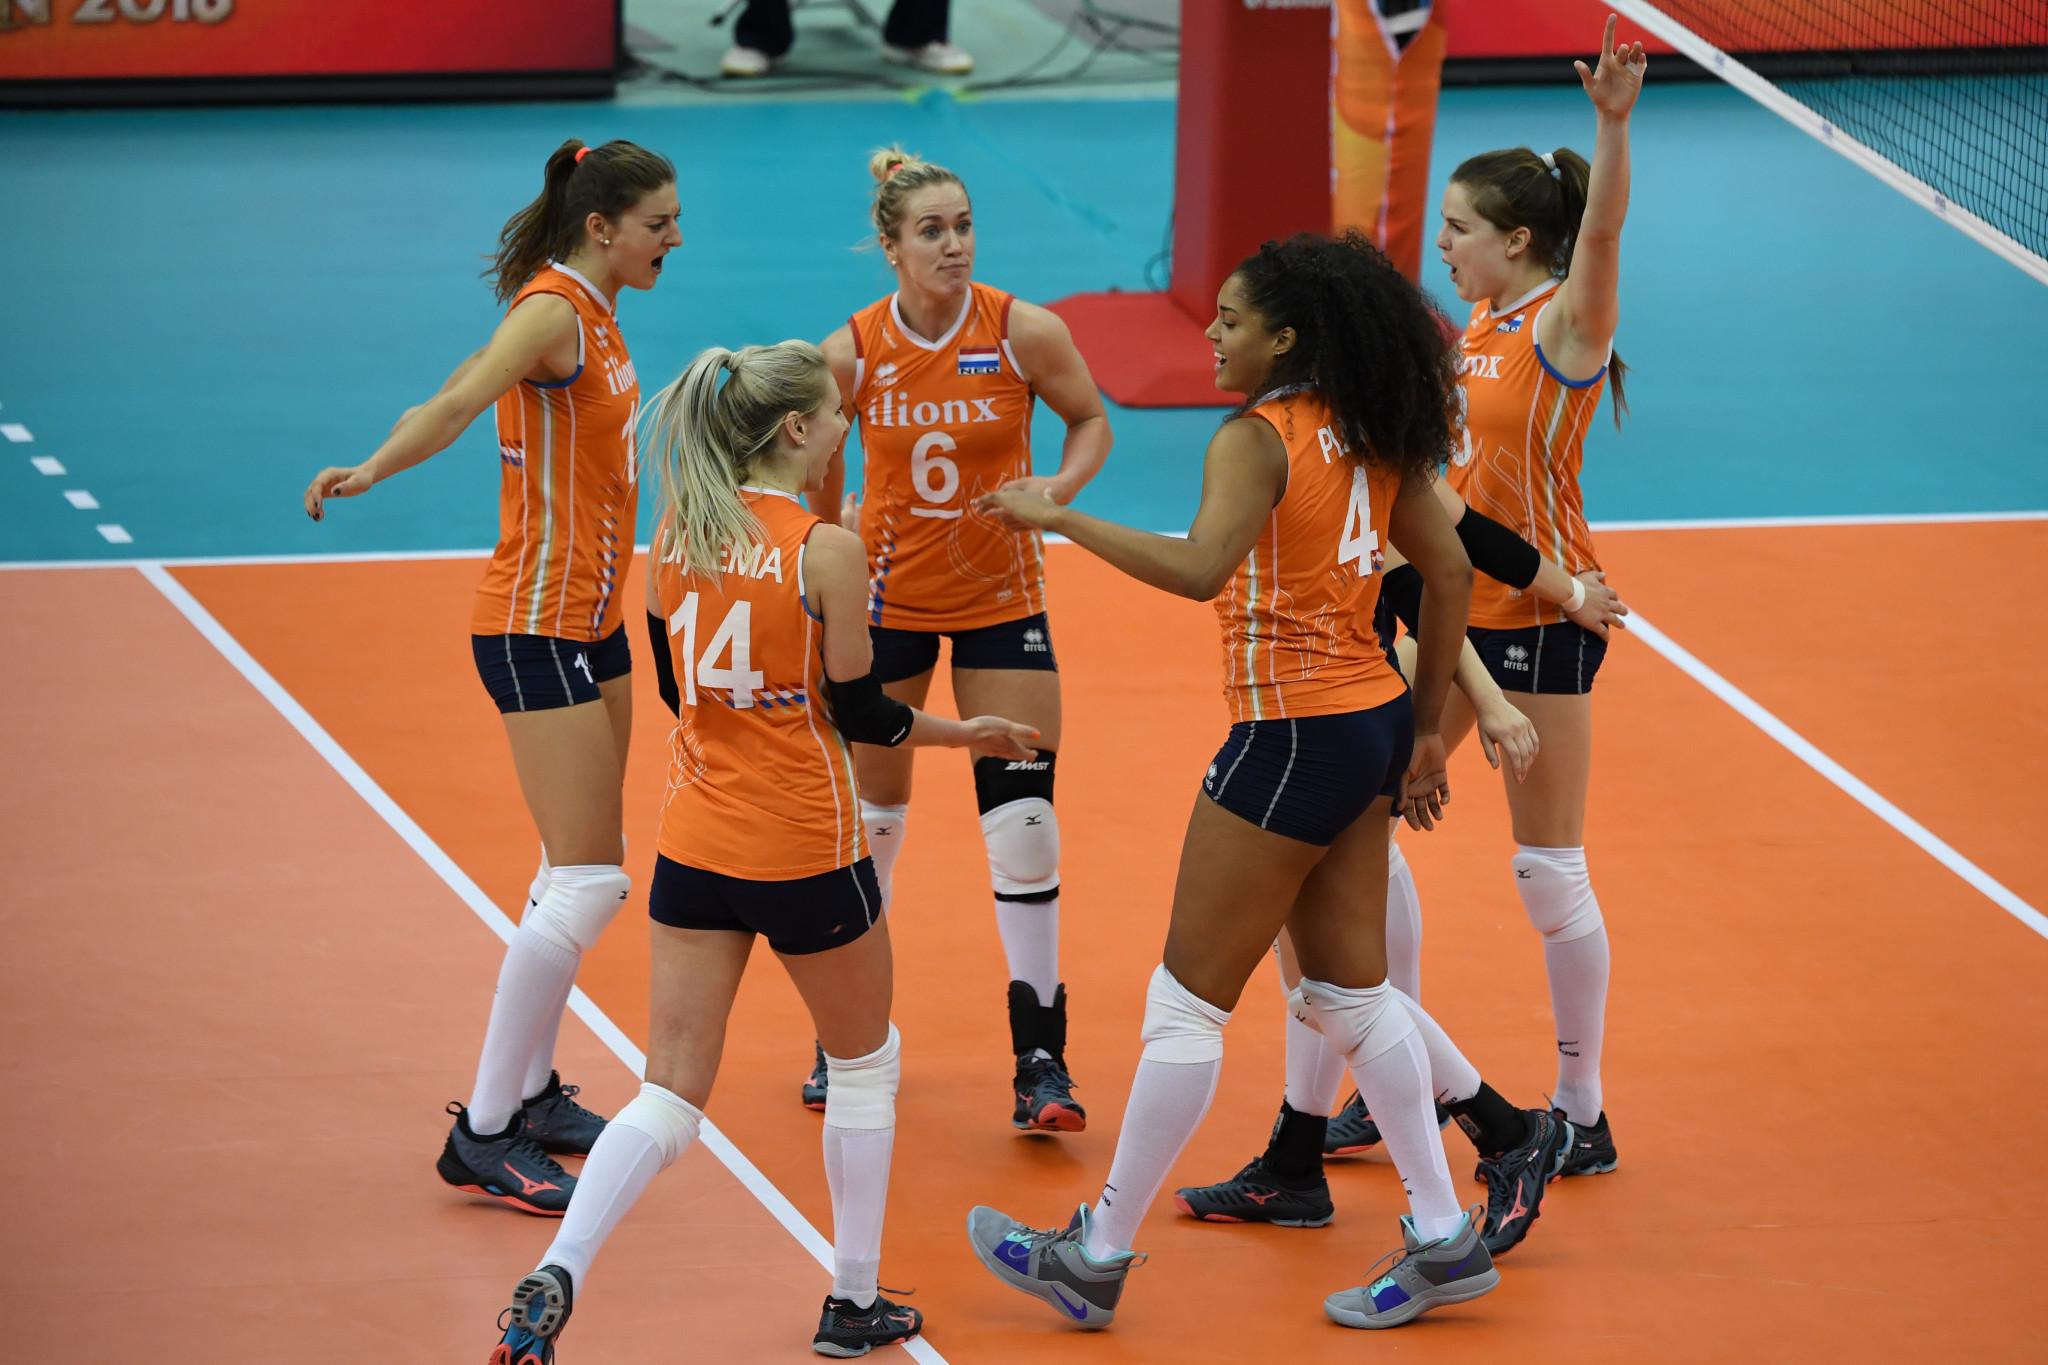 Co-organizzatore del Campionato del mondo Under 20 femminile FIVB olandese dopo aver perso contro la Serbia nelle ultime quattro partite ai playoff al terzo posto © Getty Images